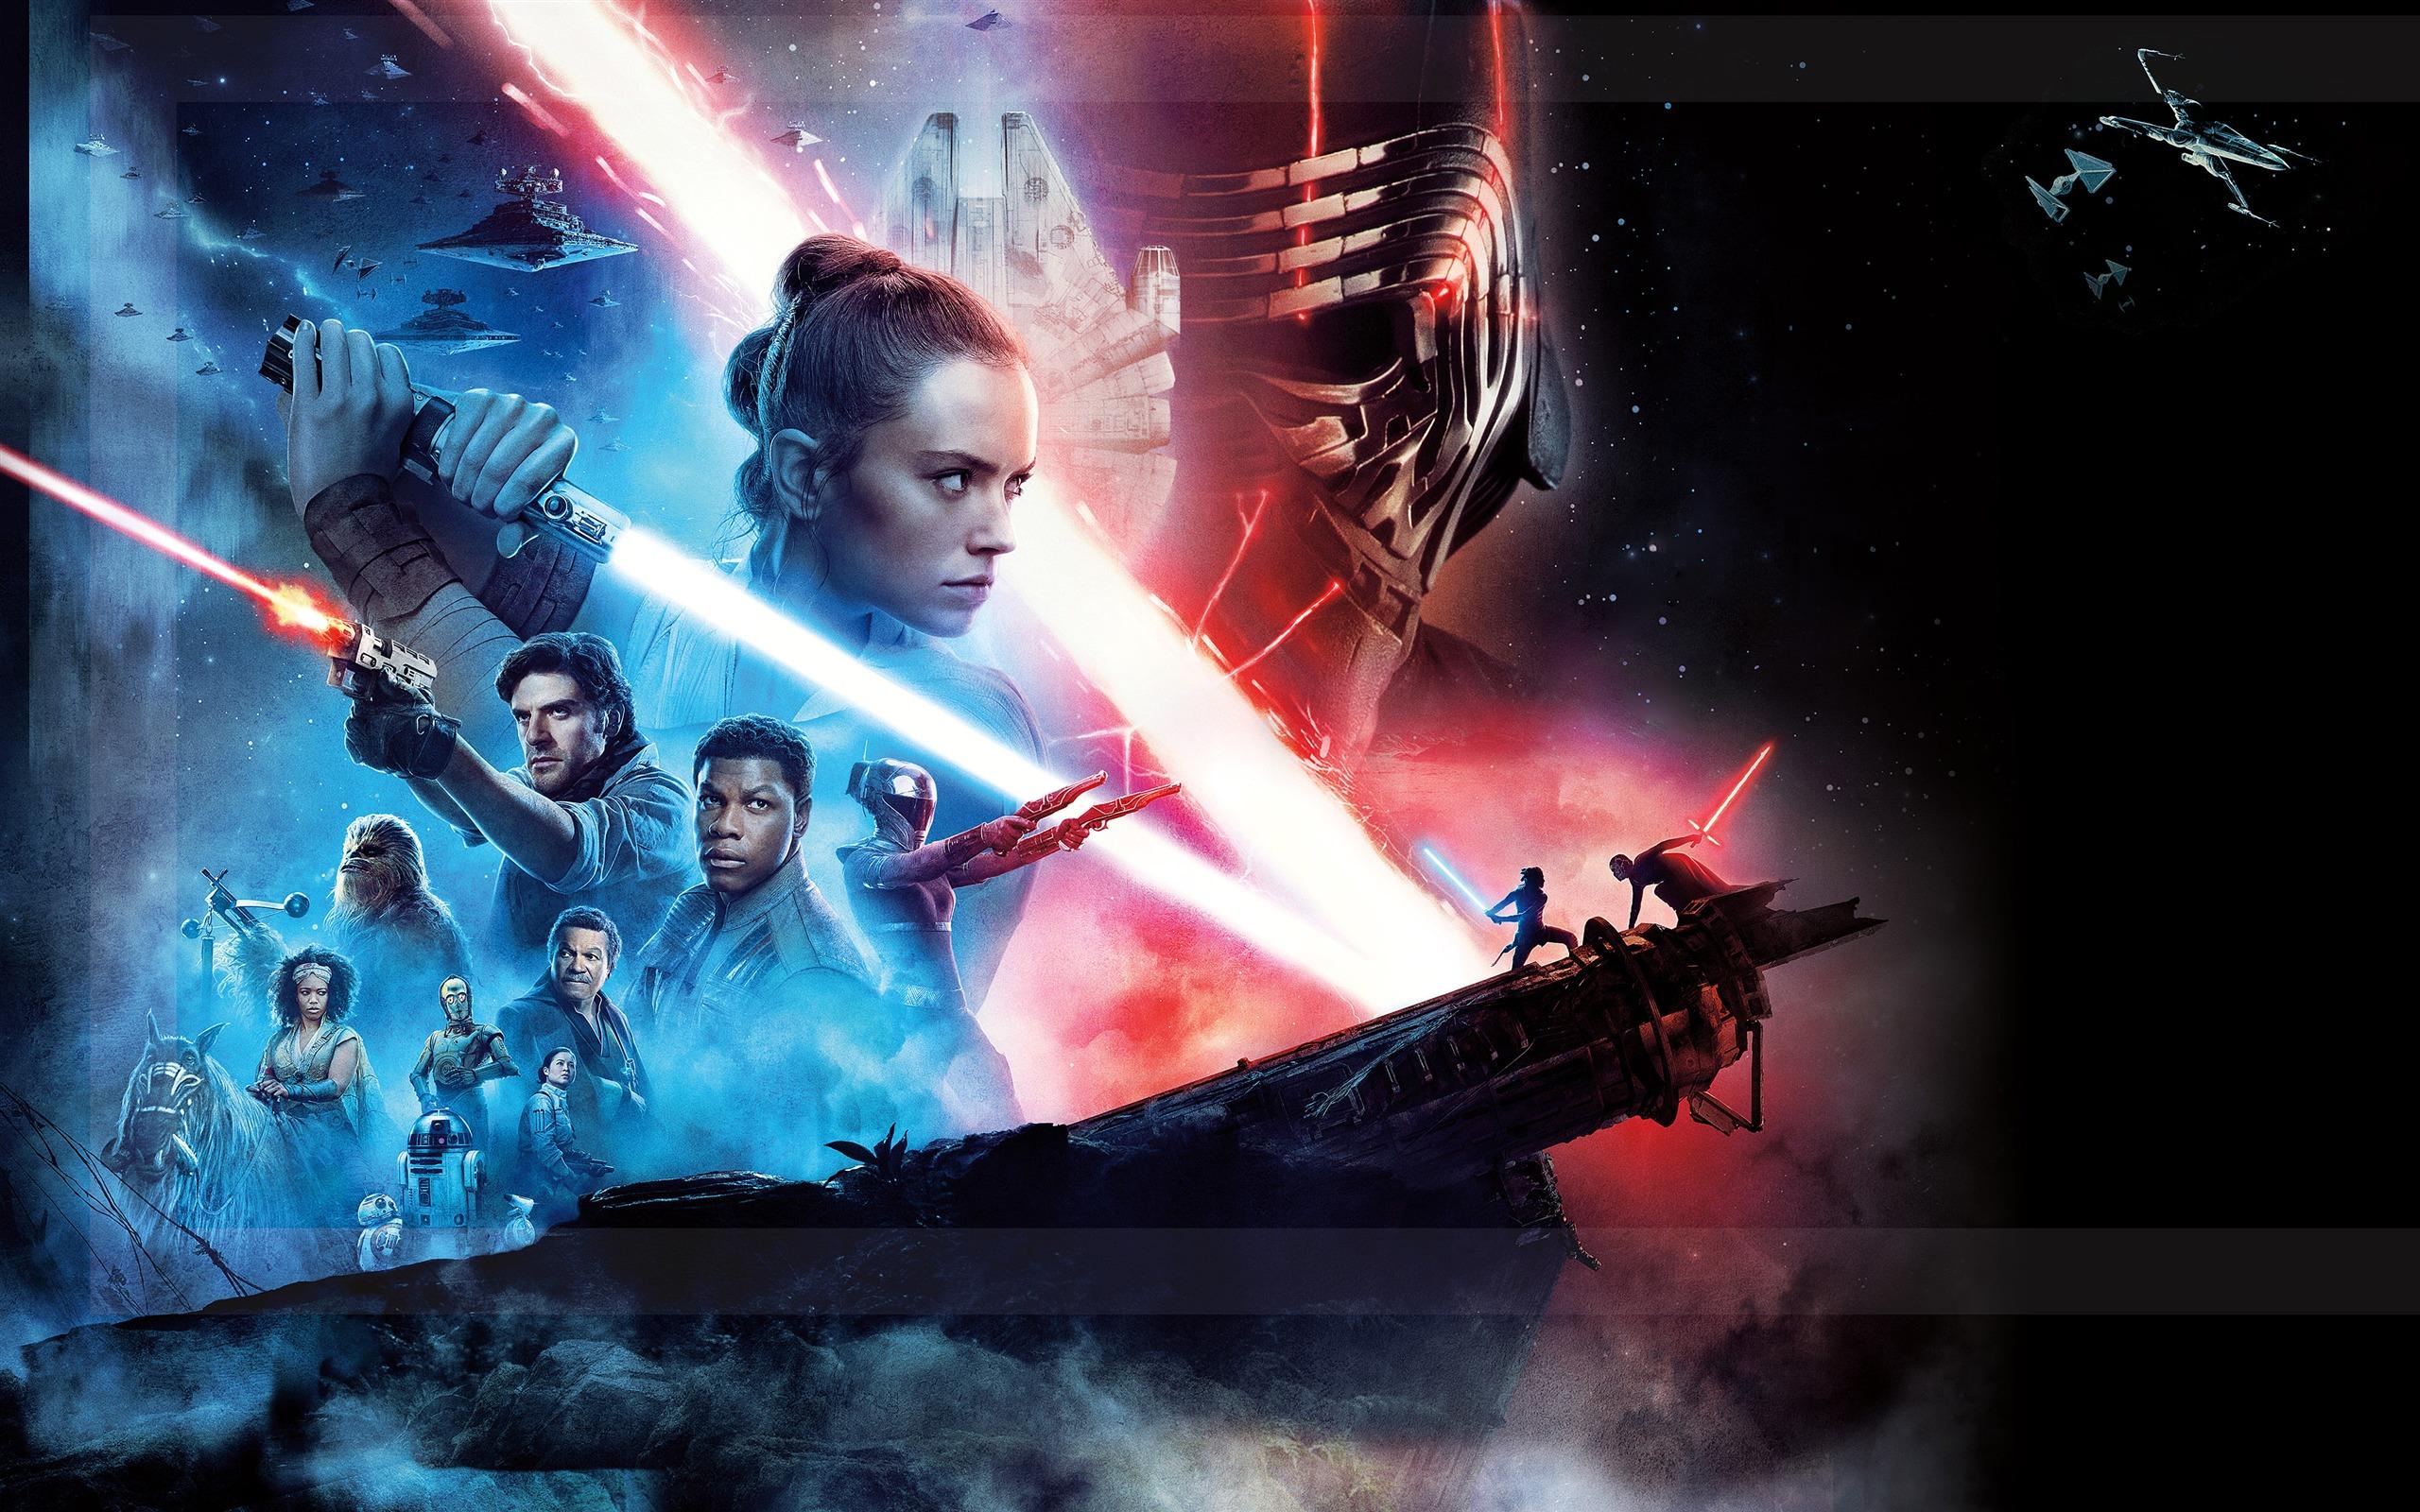 星球大战:天行者的崛起,2019,电影,高清,海报预览 10wallpaper Com